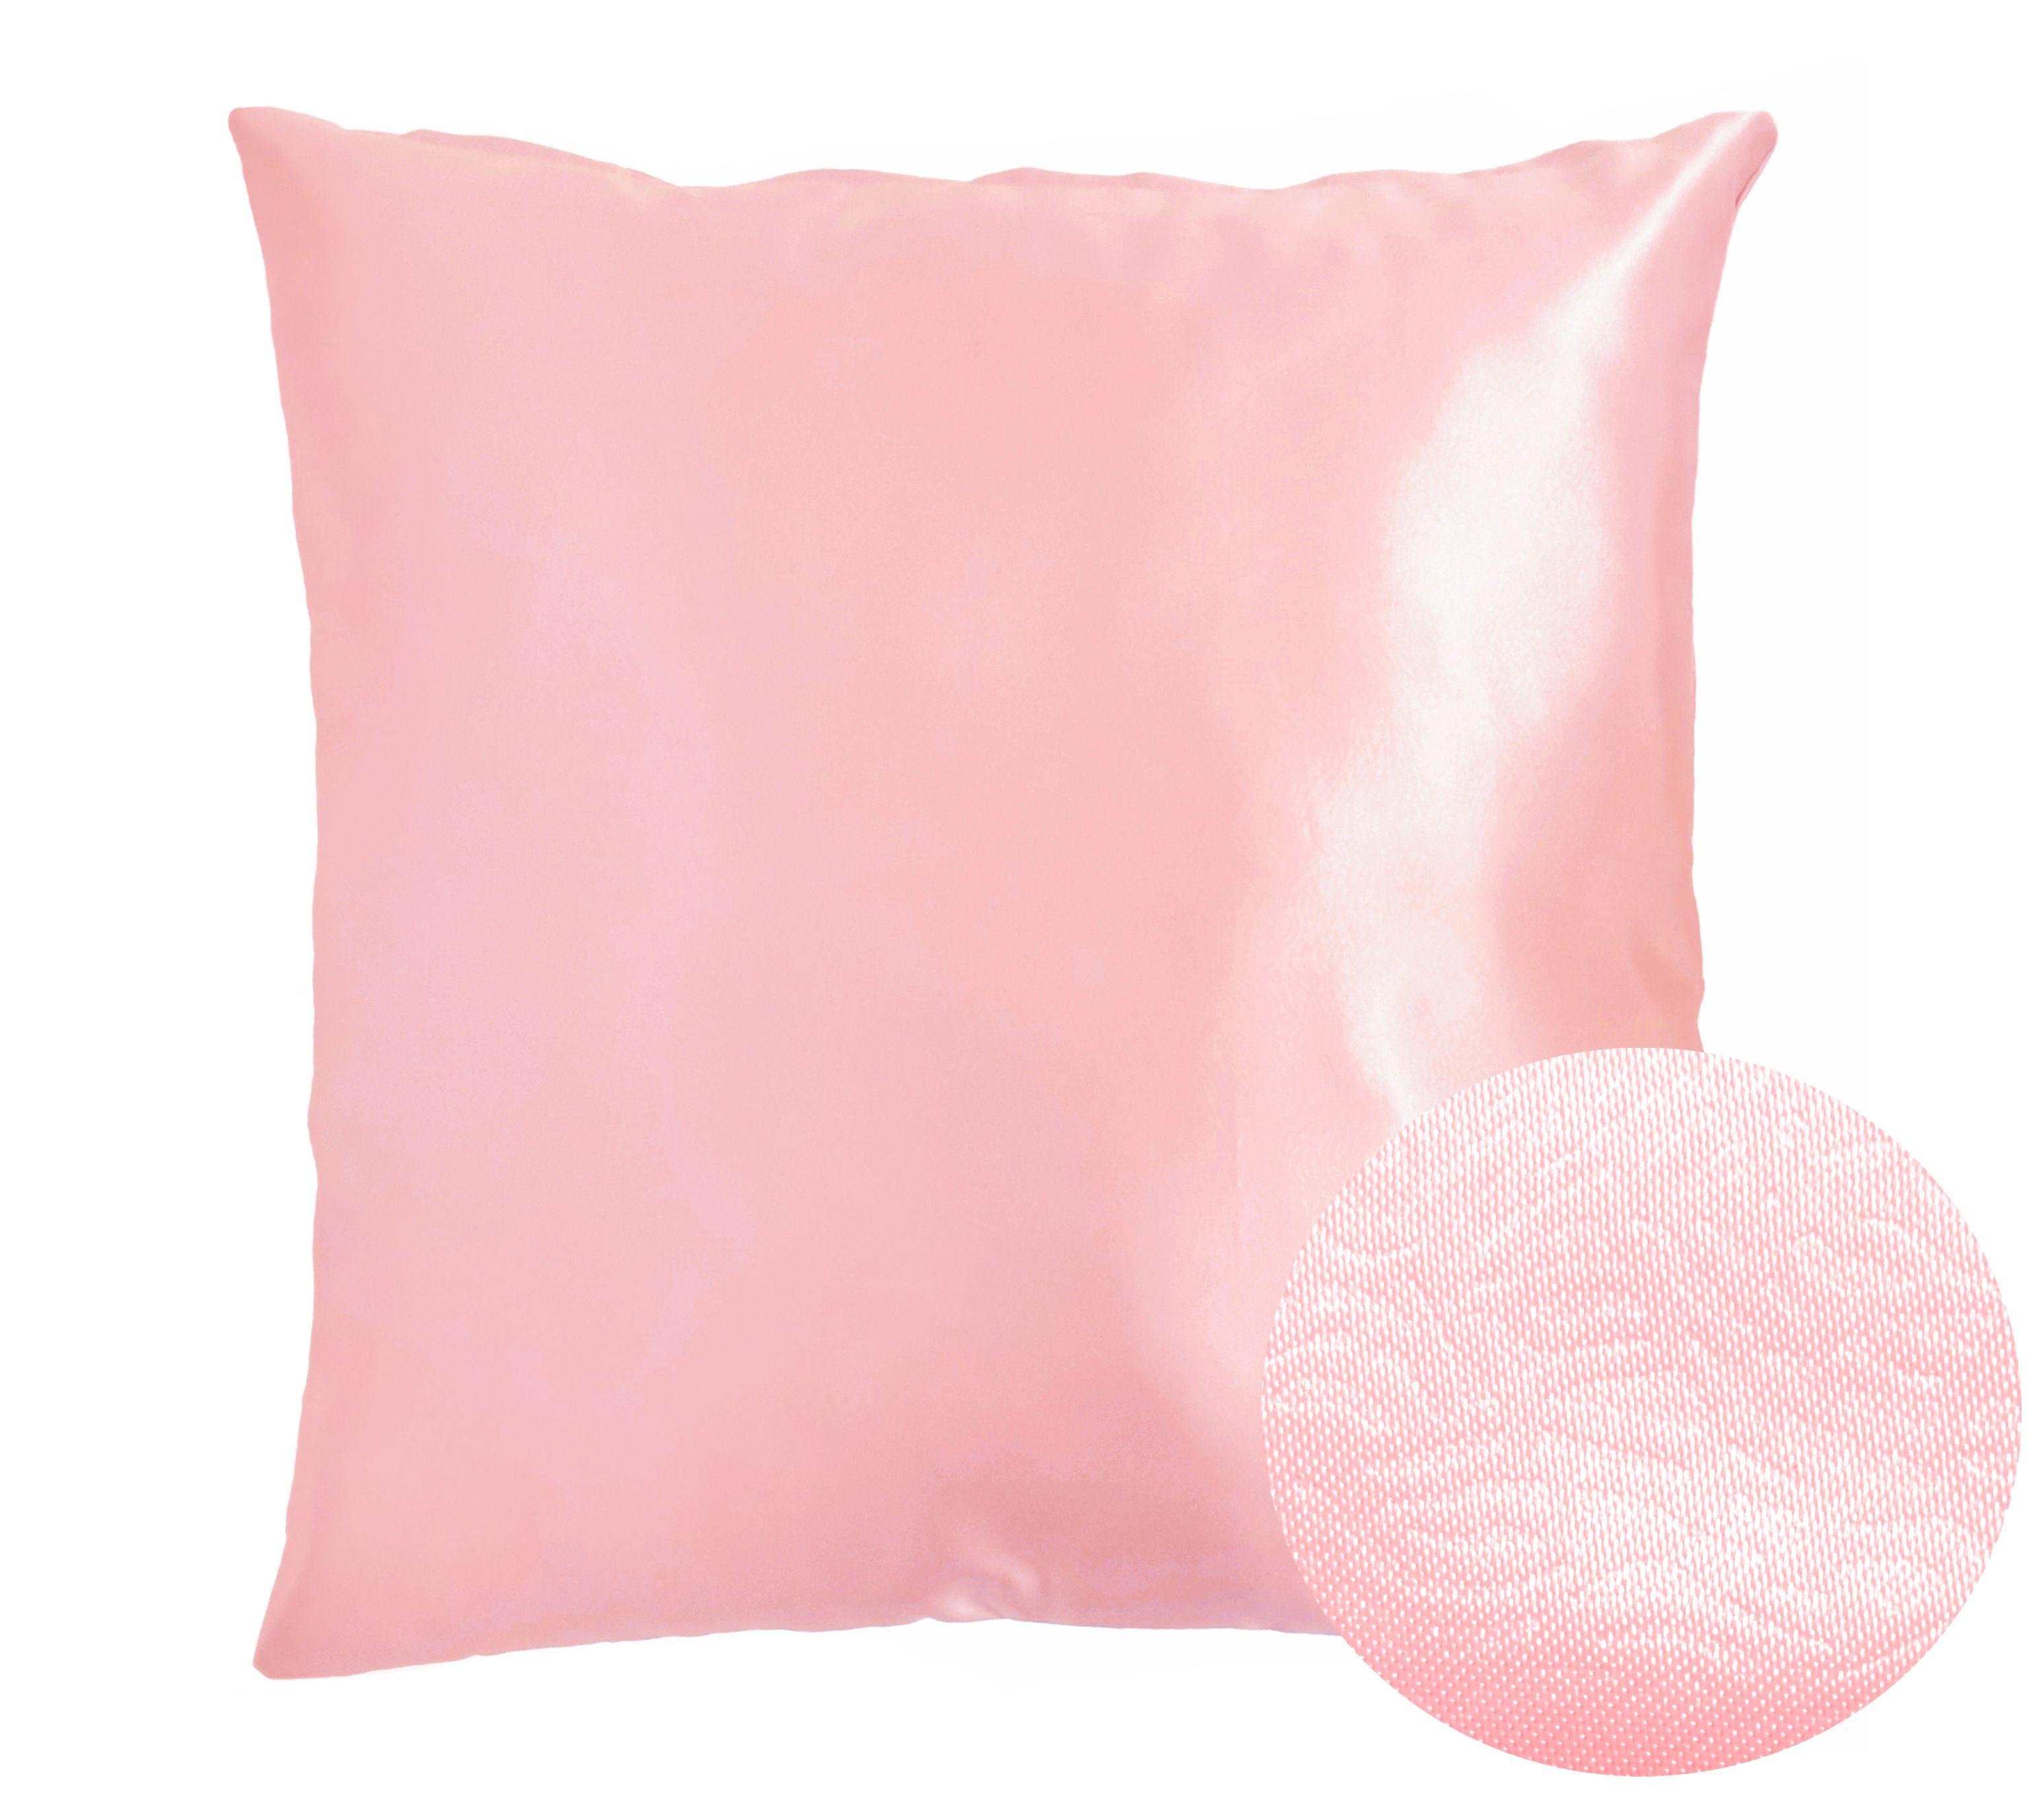 Pink Accent Pillows